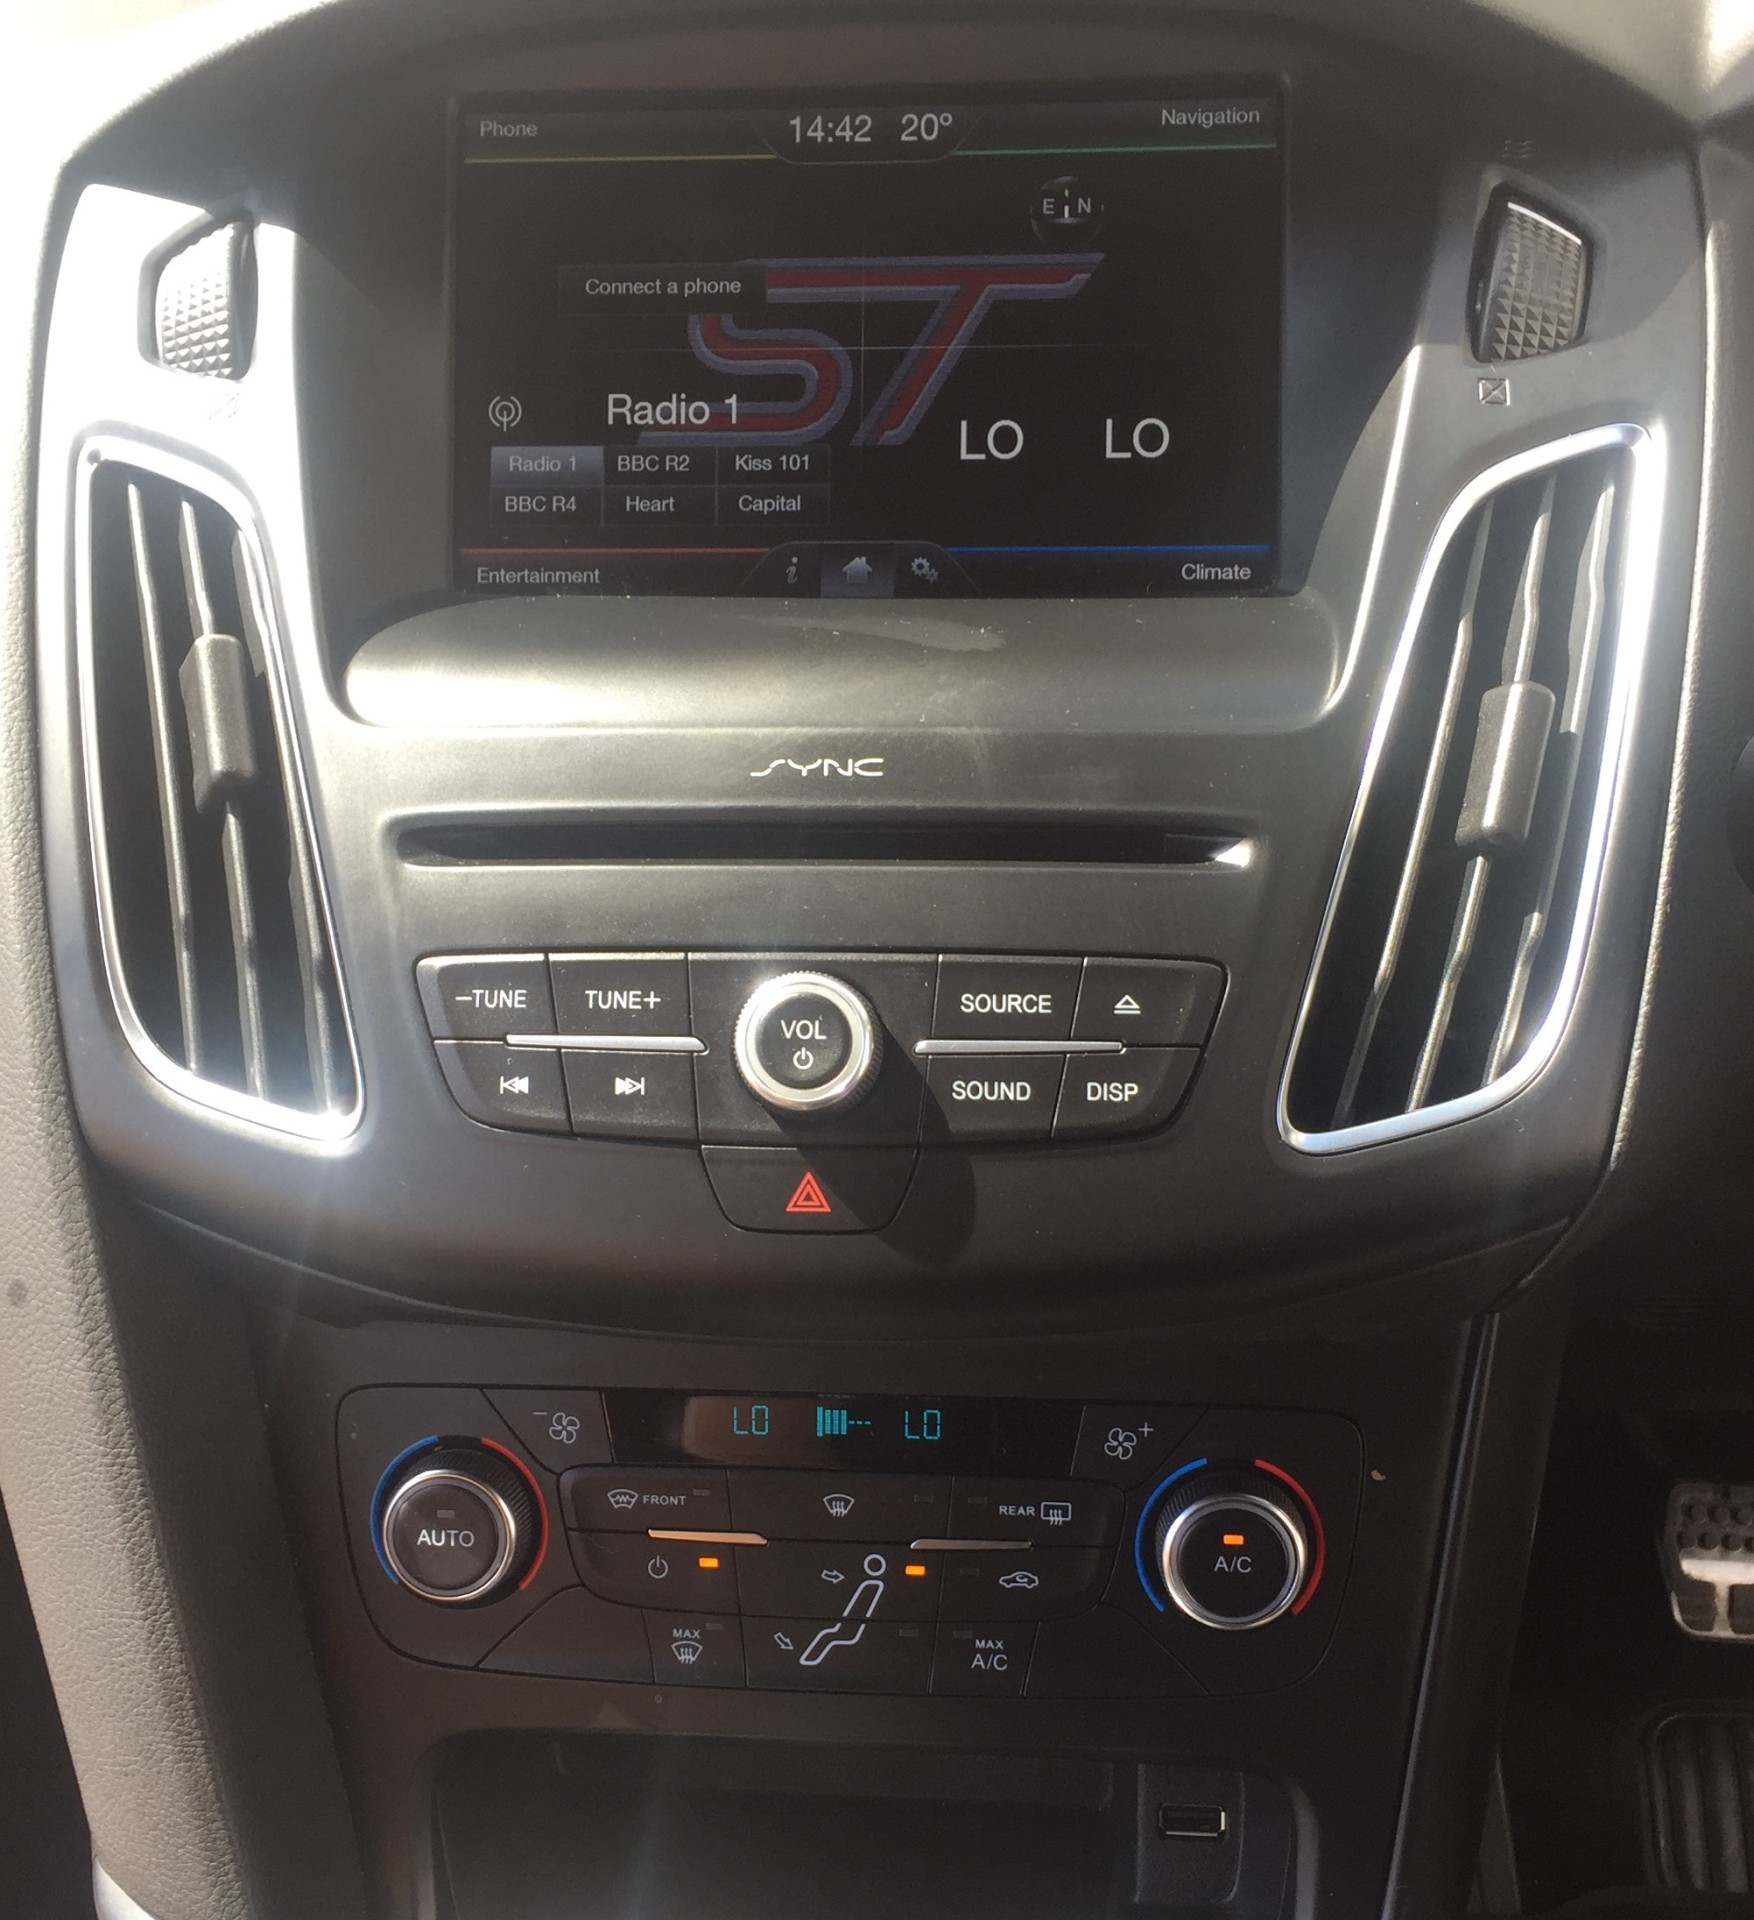 DAB SYNC 2 Audio System